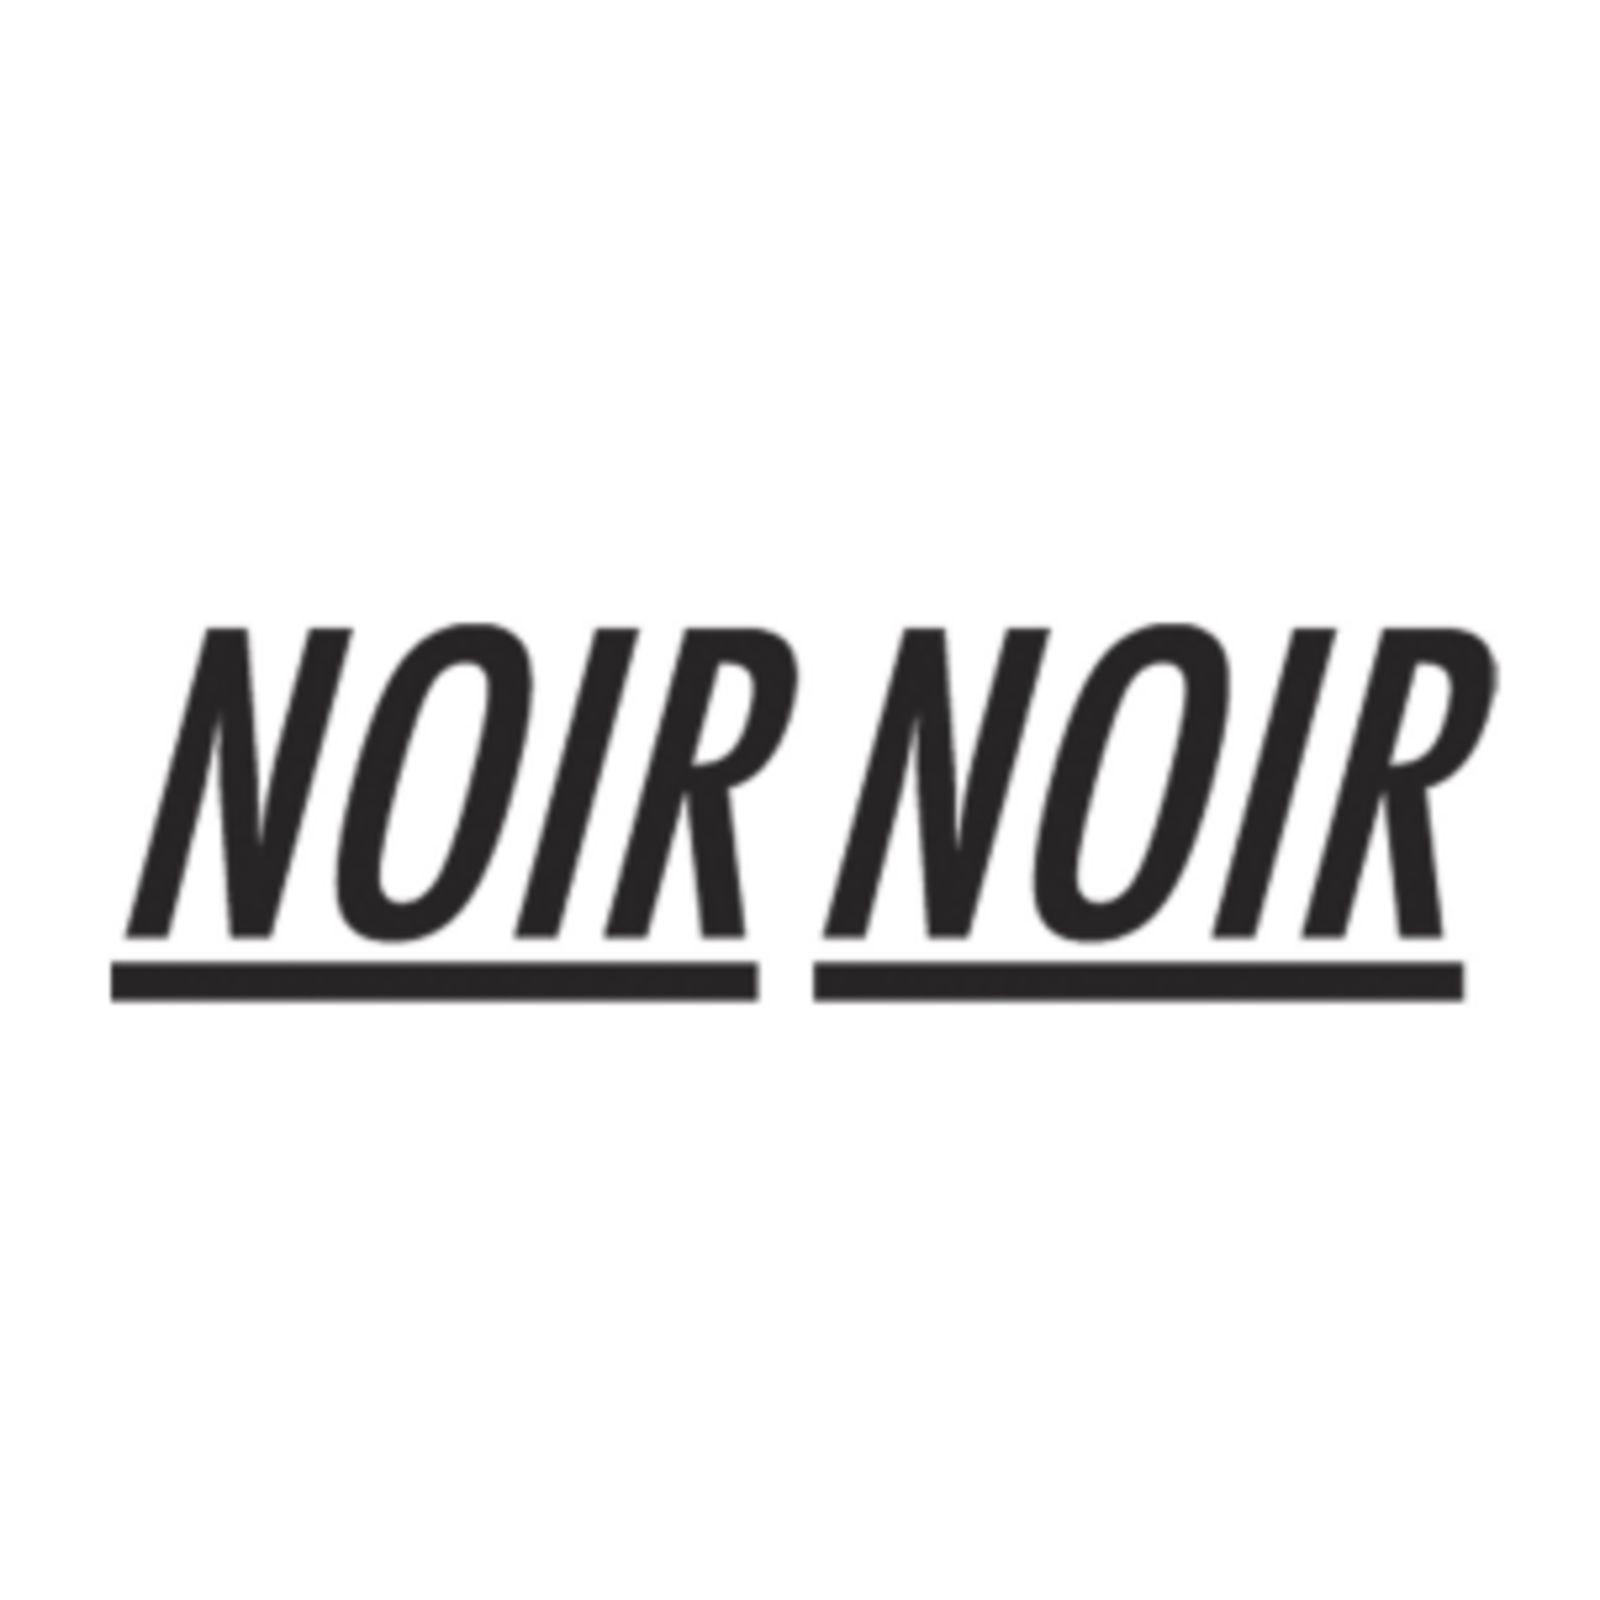 NOIR NOIR